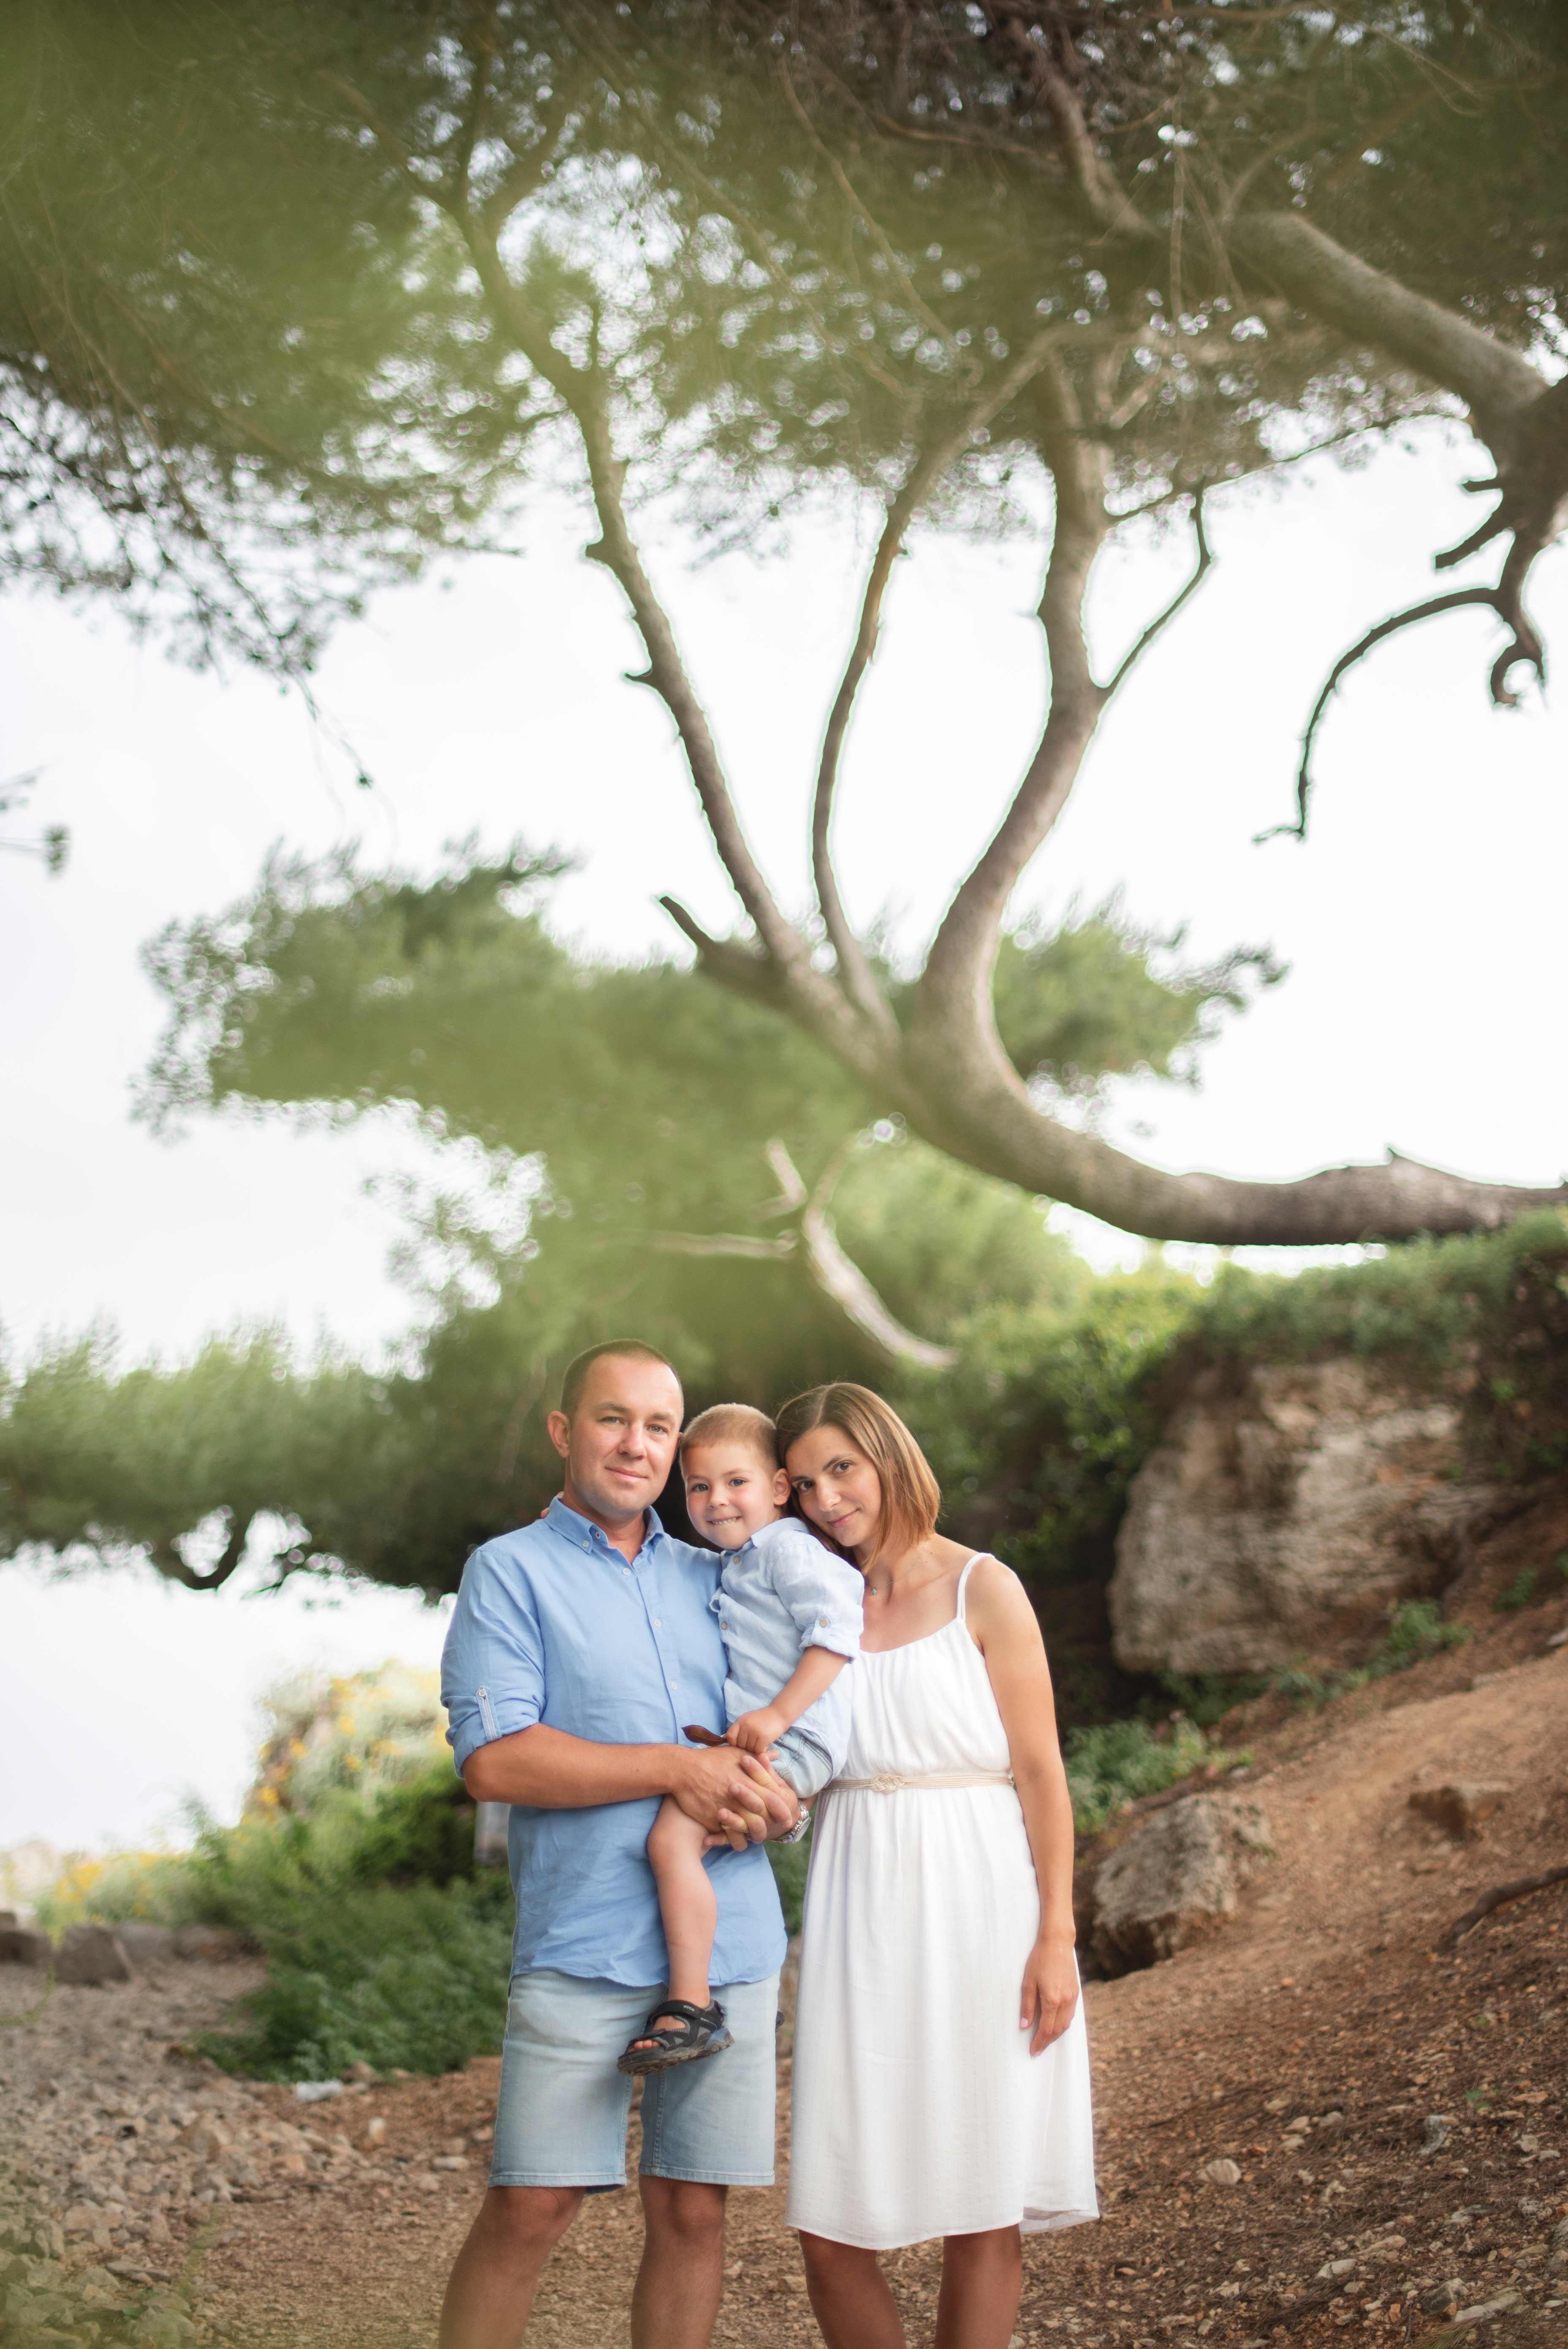 Une famille photo en nature